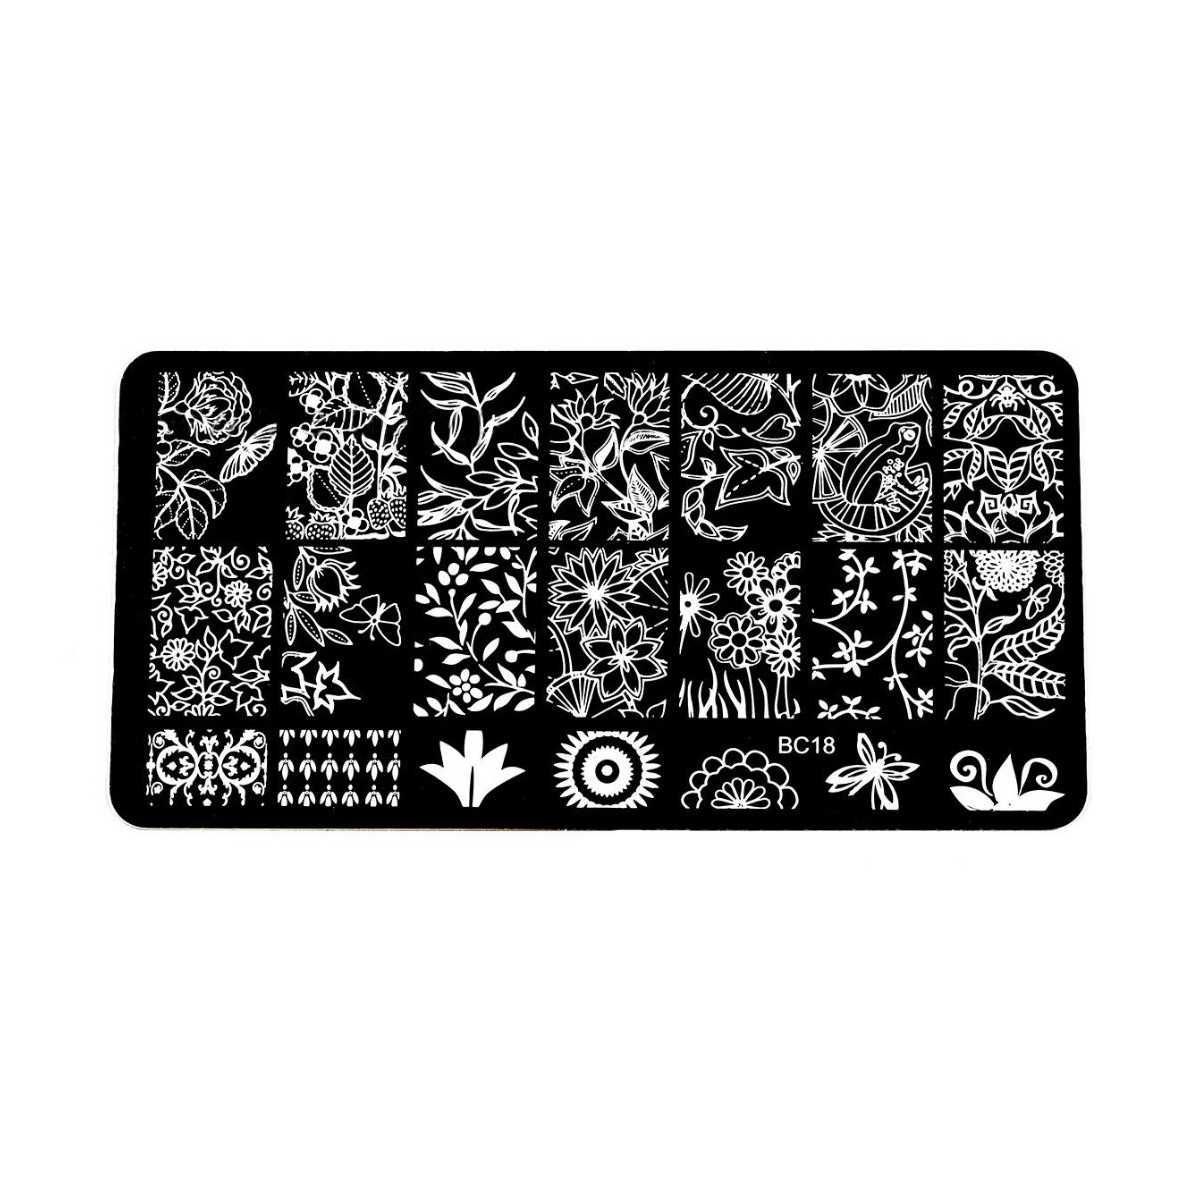 https://www.kit-manucure.com/1630-thickbox_default/plaque-de-stamping-fleur-grenouille-et-fraise-bc18.jpg